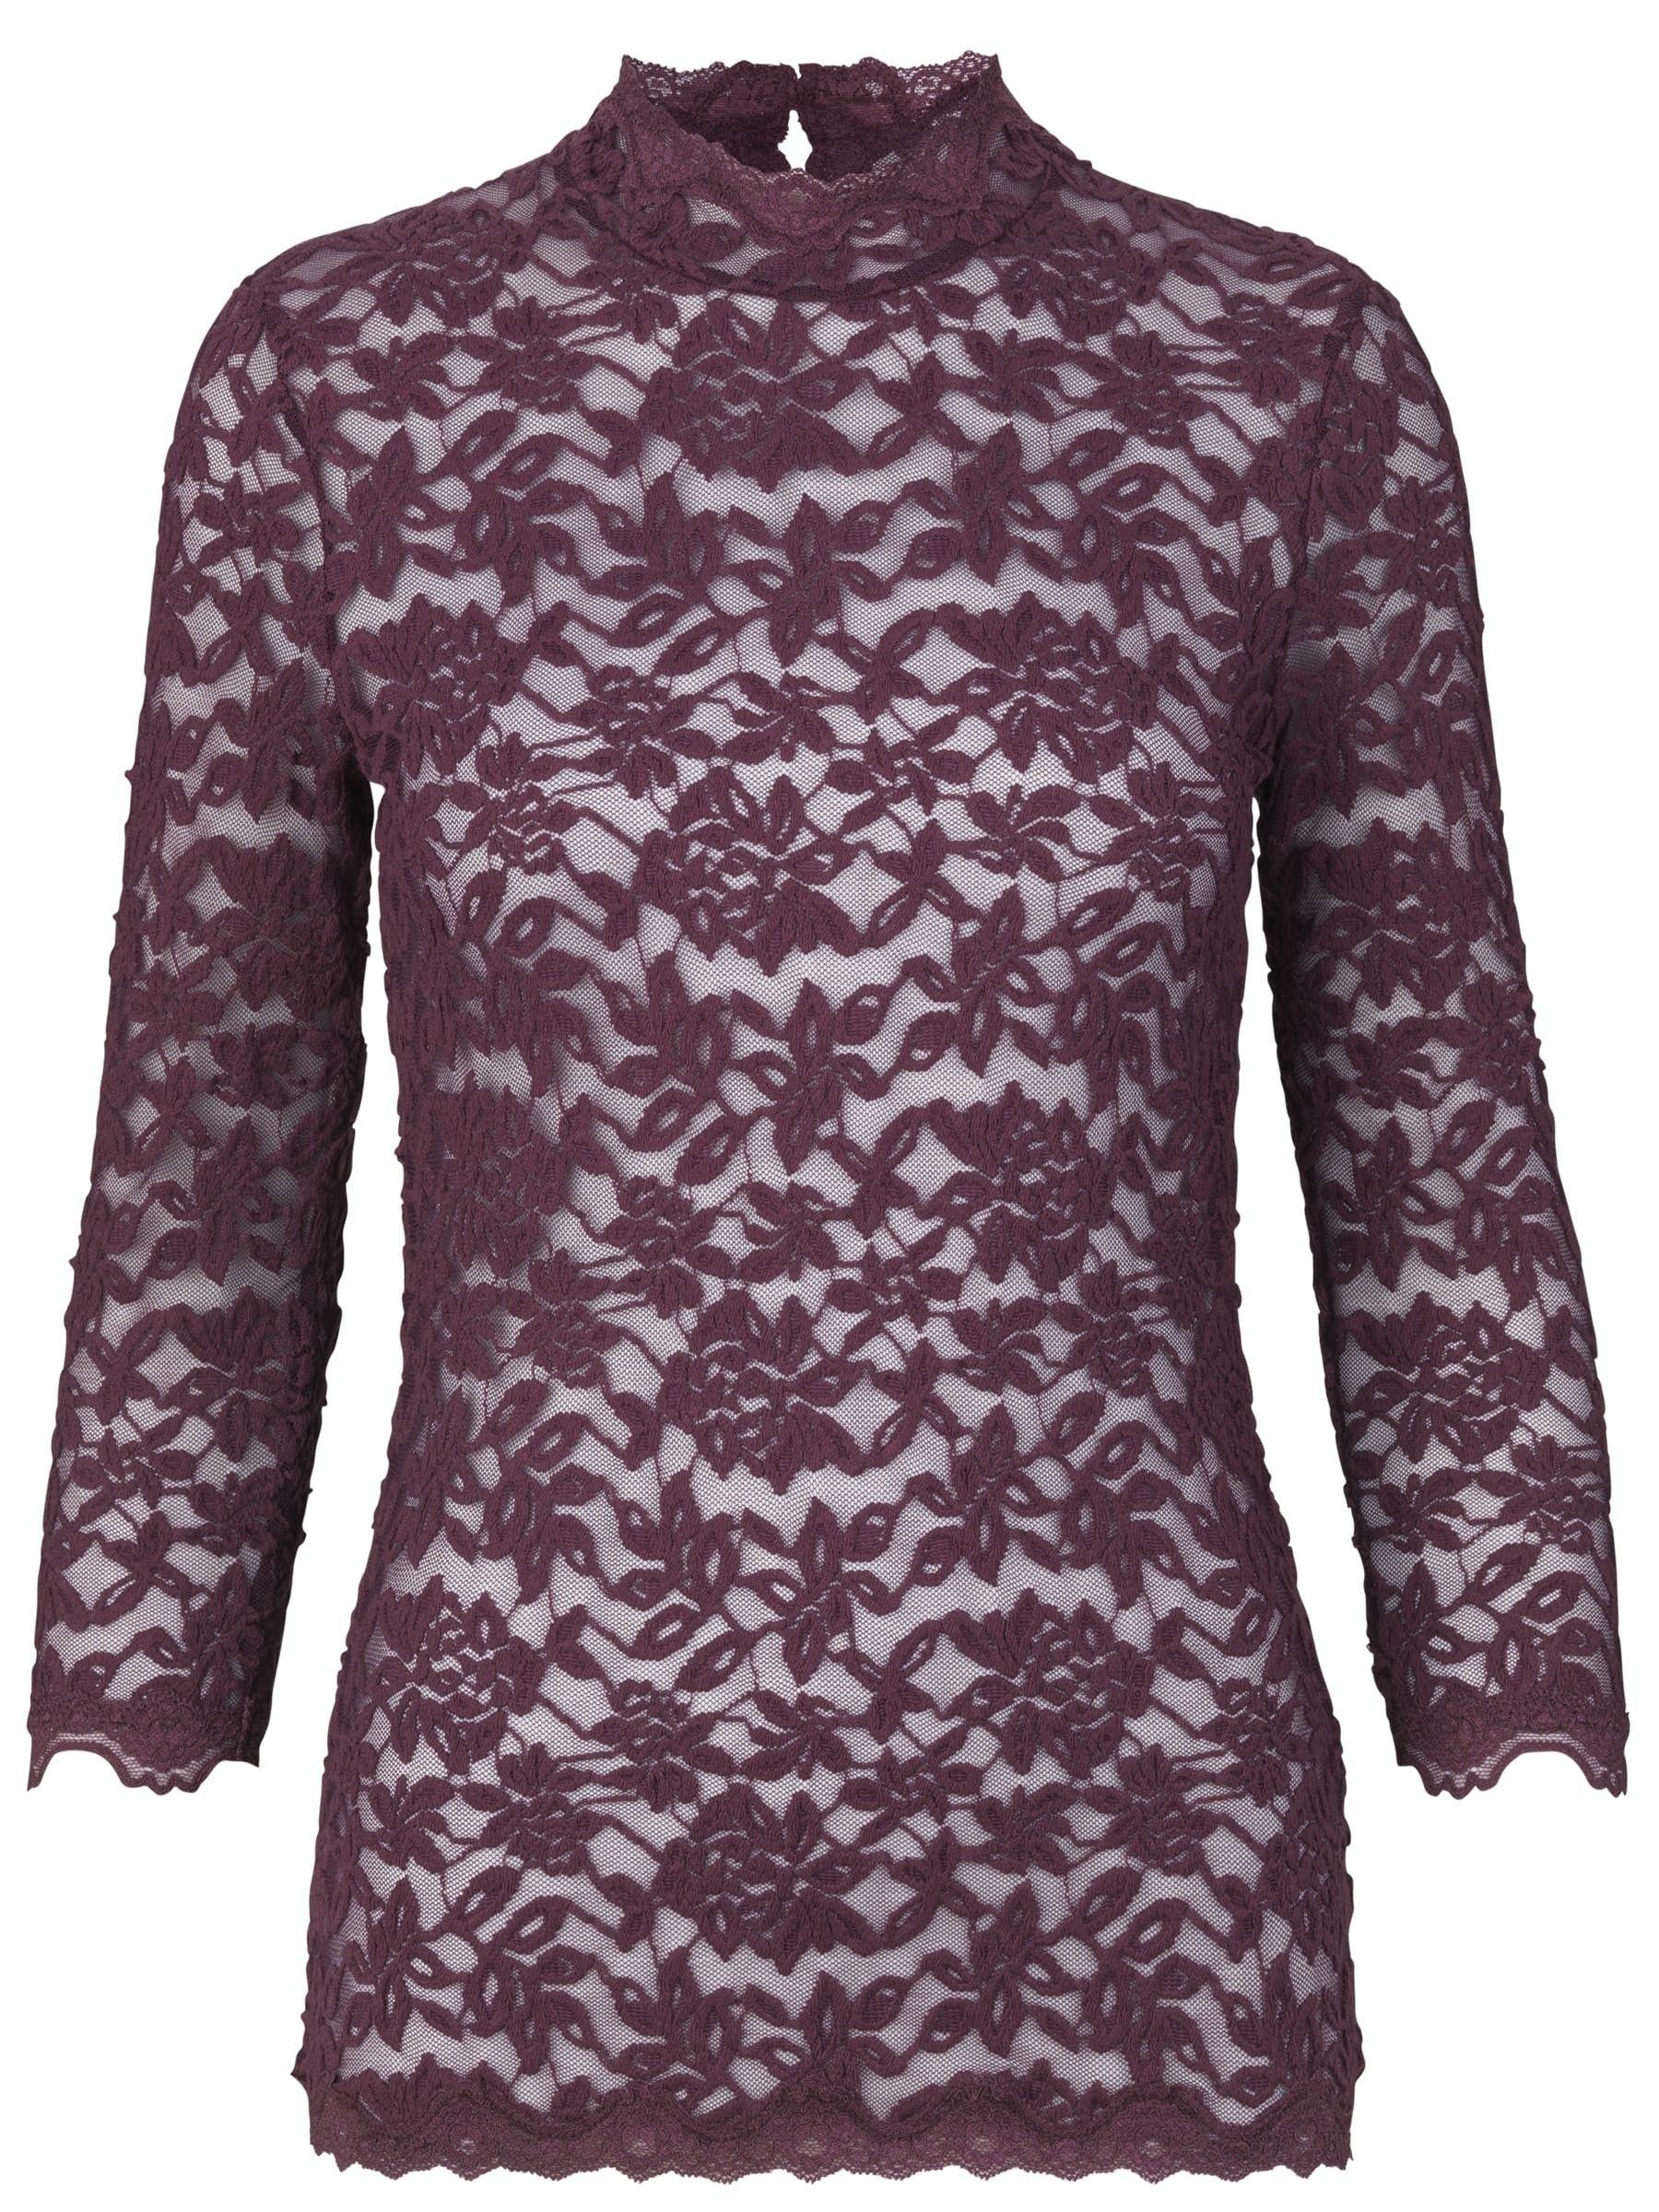 ROSEMUNDE - Damen Top - T-shirt 3/4 Sleeve - Bourgogne